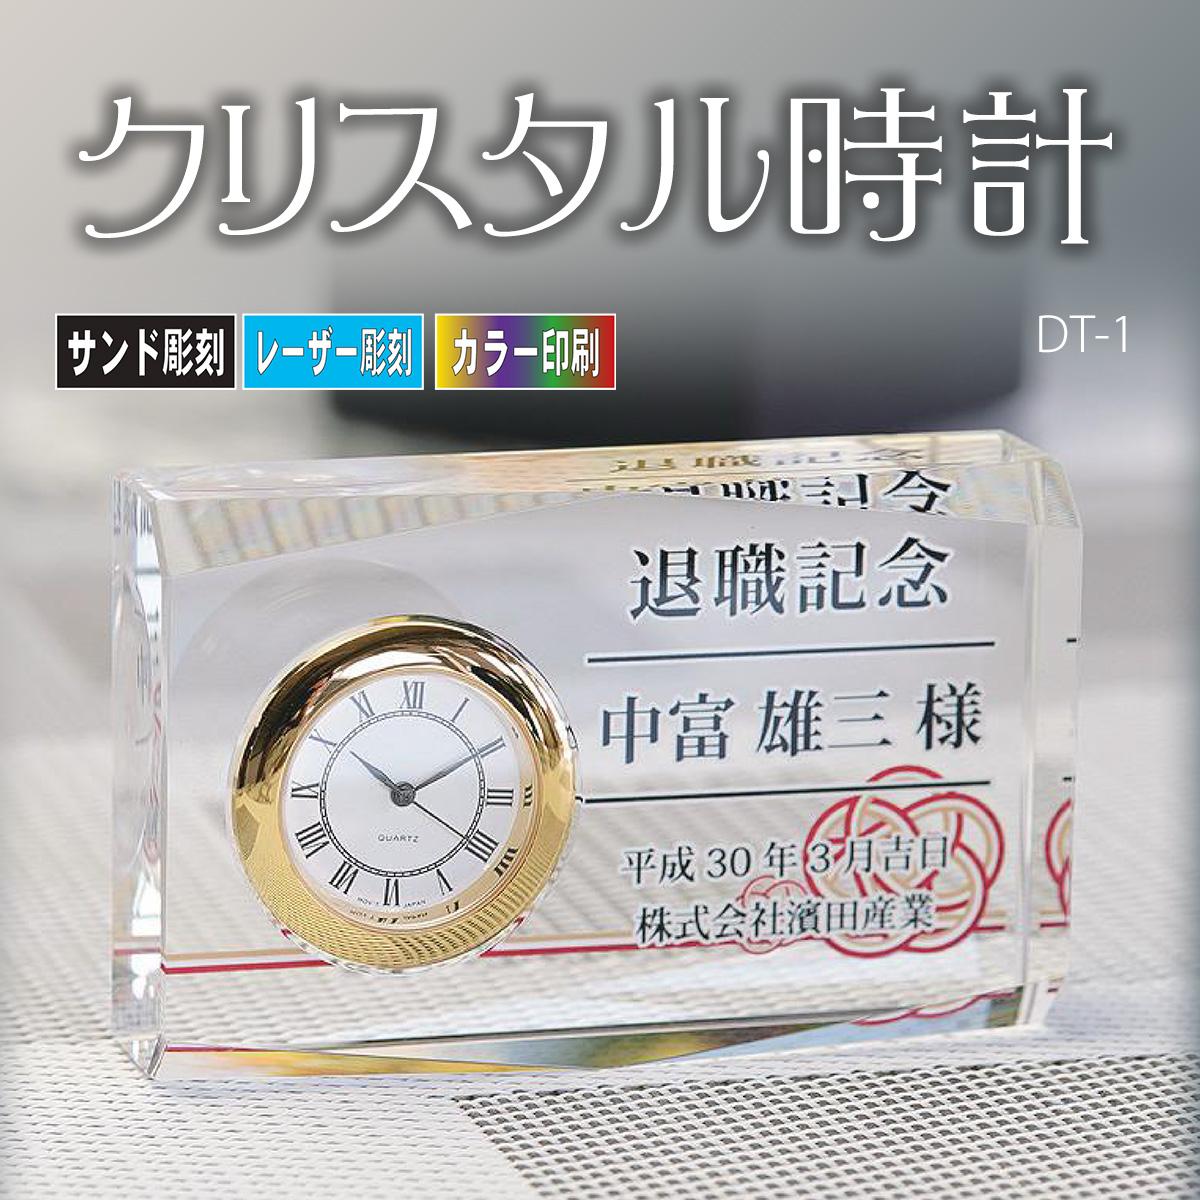 クリスタル時計 DT-1画像